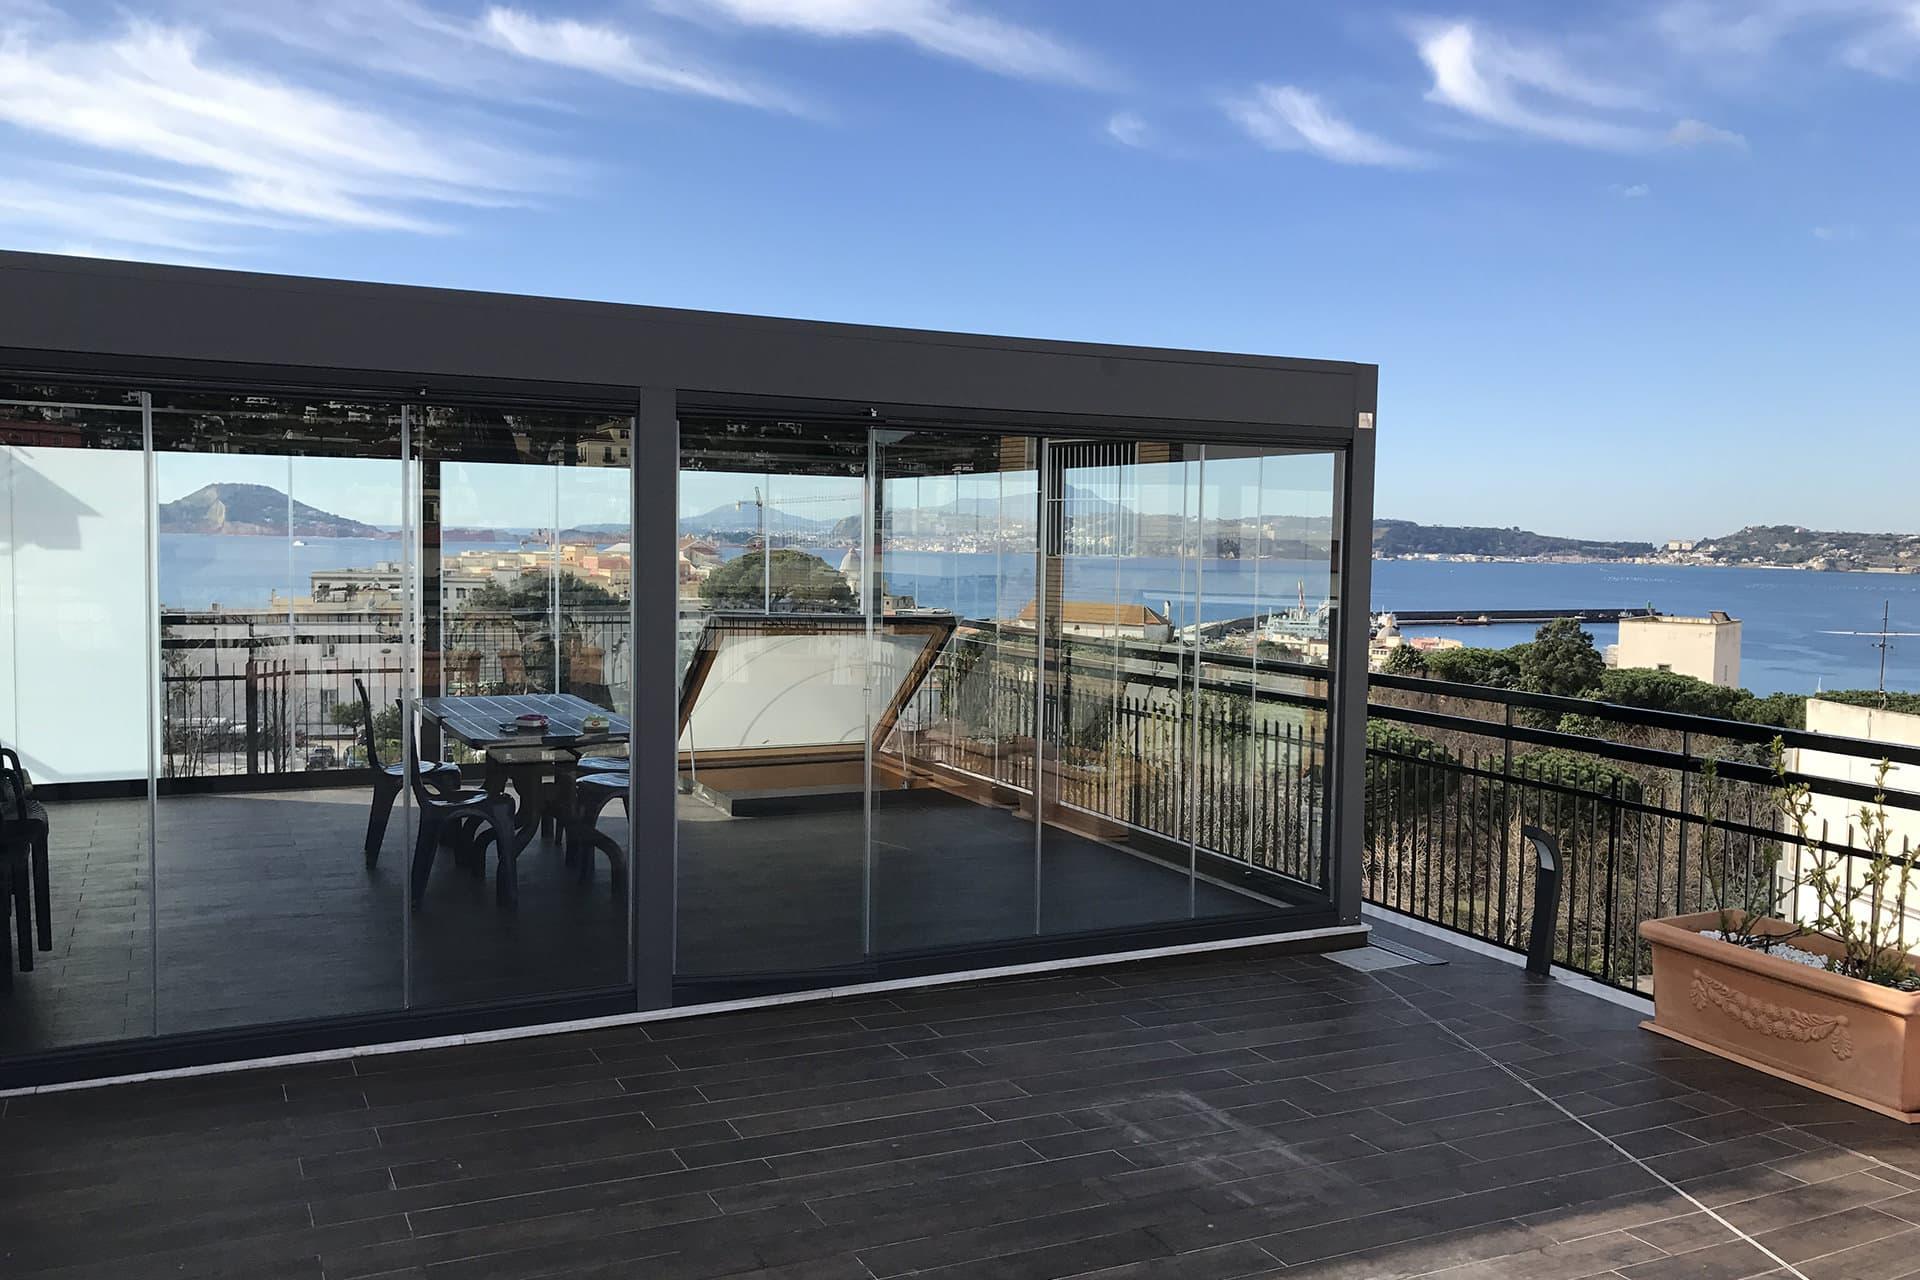 Vuoi ampliare la tua casa? Sono le vetrate la soluzione più conveniente